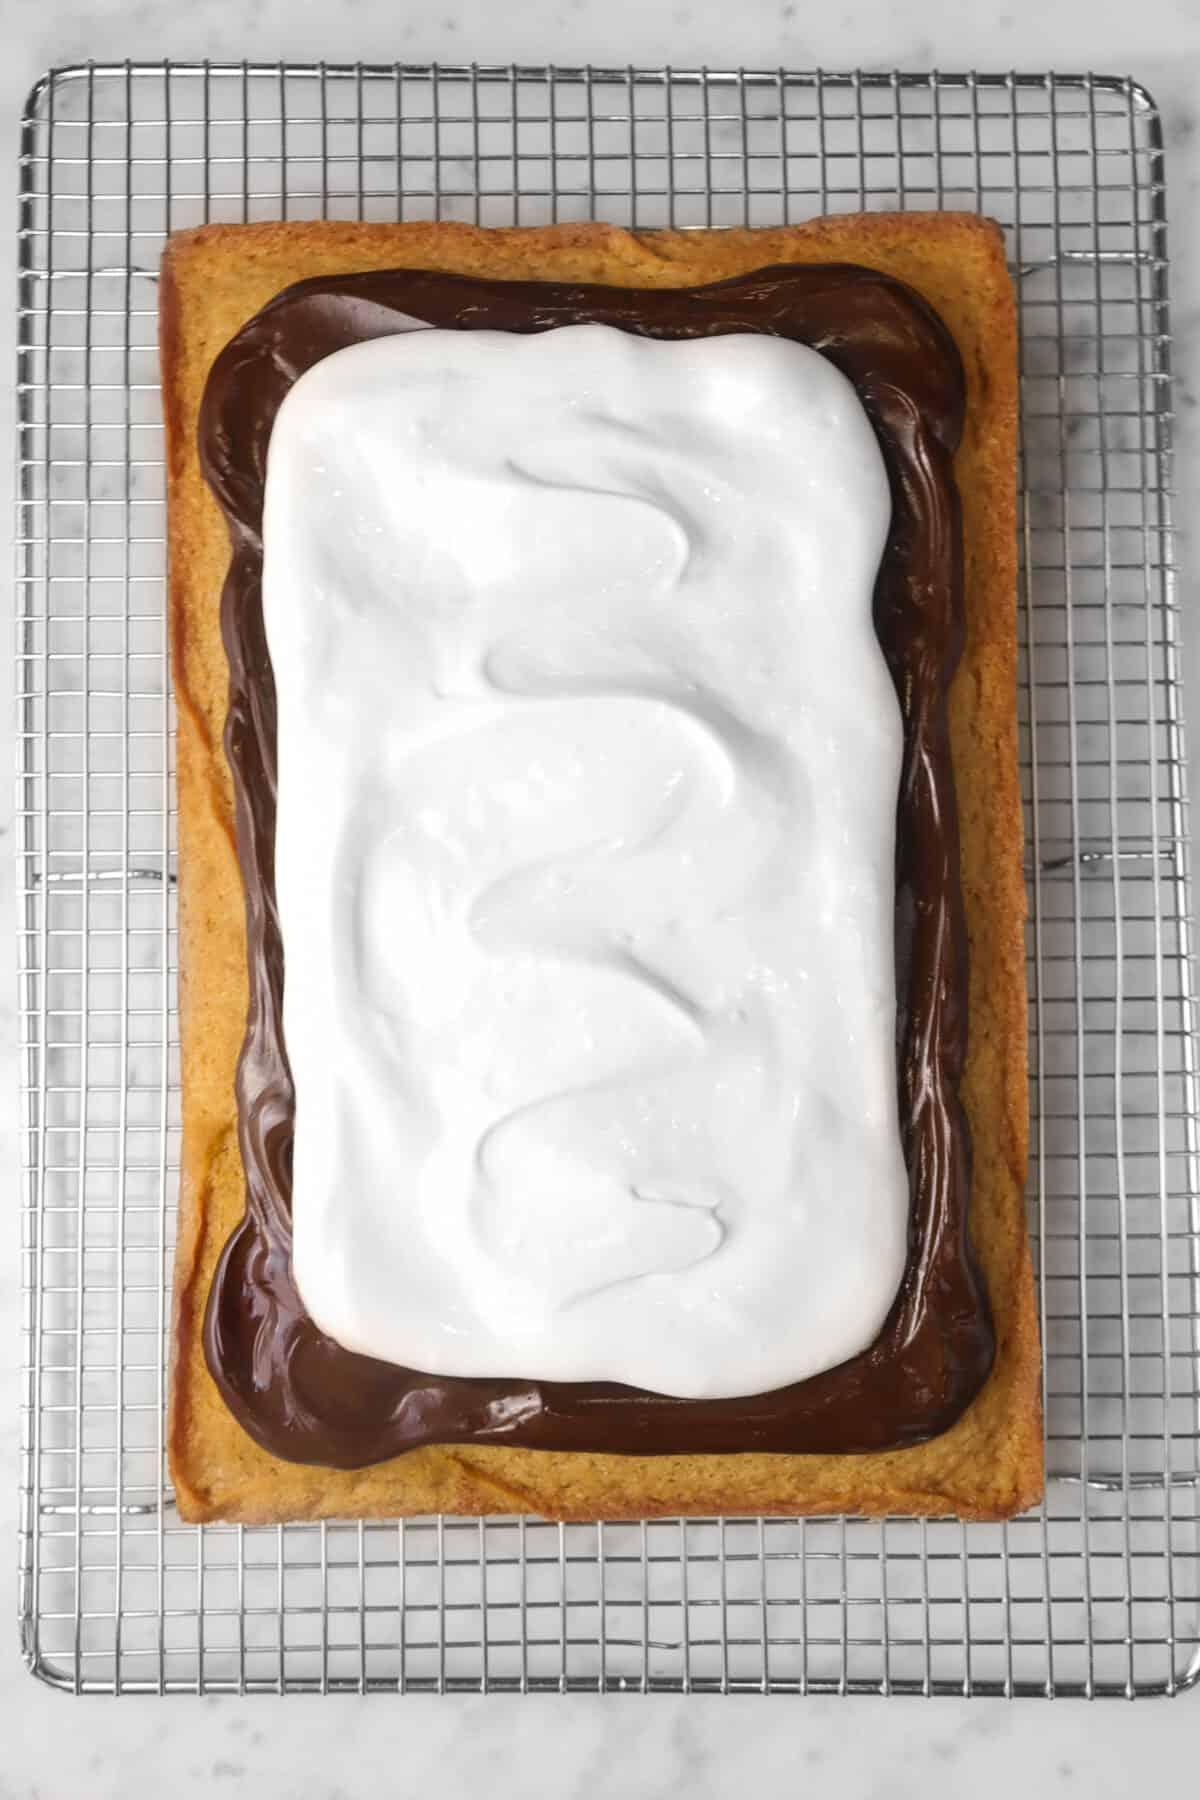 marshmallow fluff spread on top of ganache on cinnamon cake